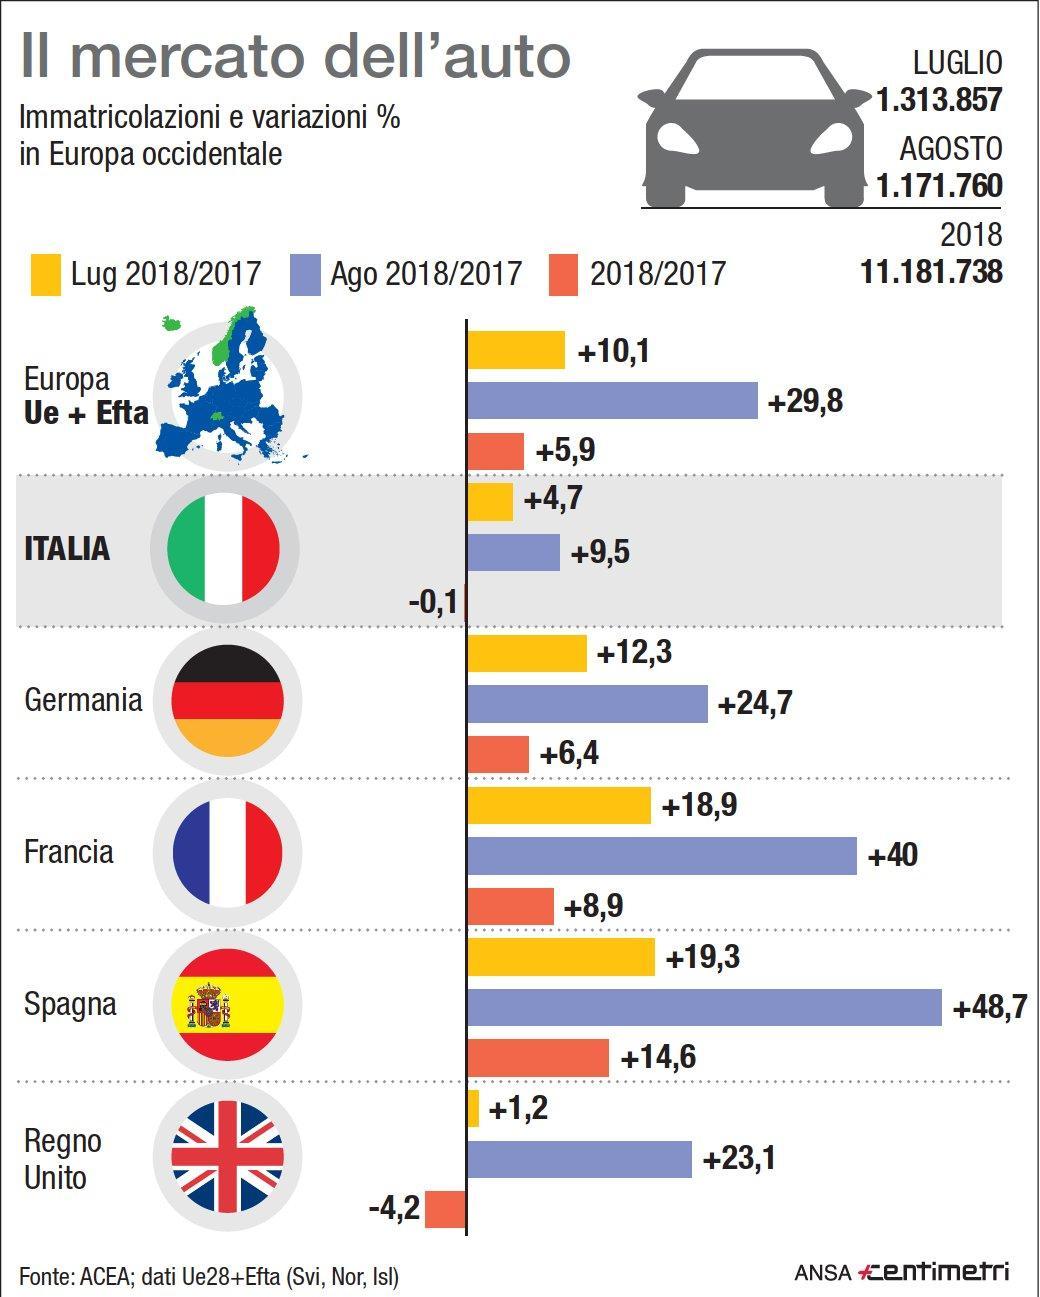 Mercato auto in Ue: forte crescita a luglio-agosto